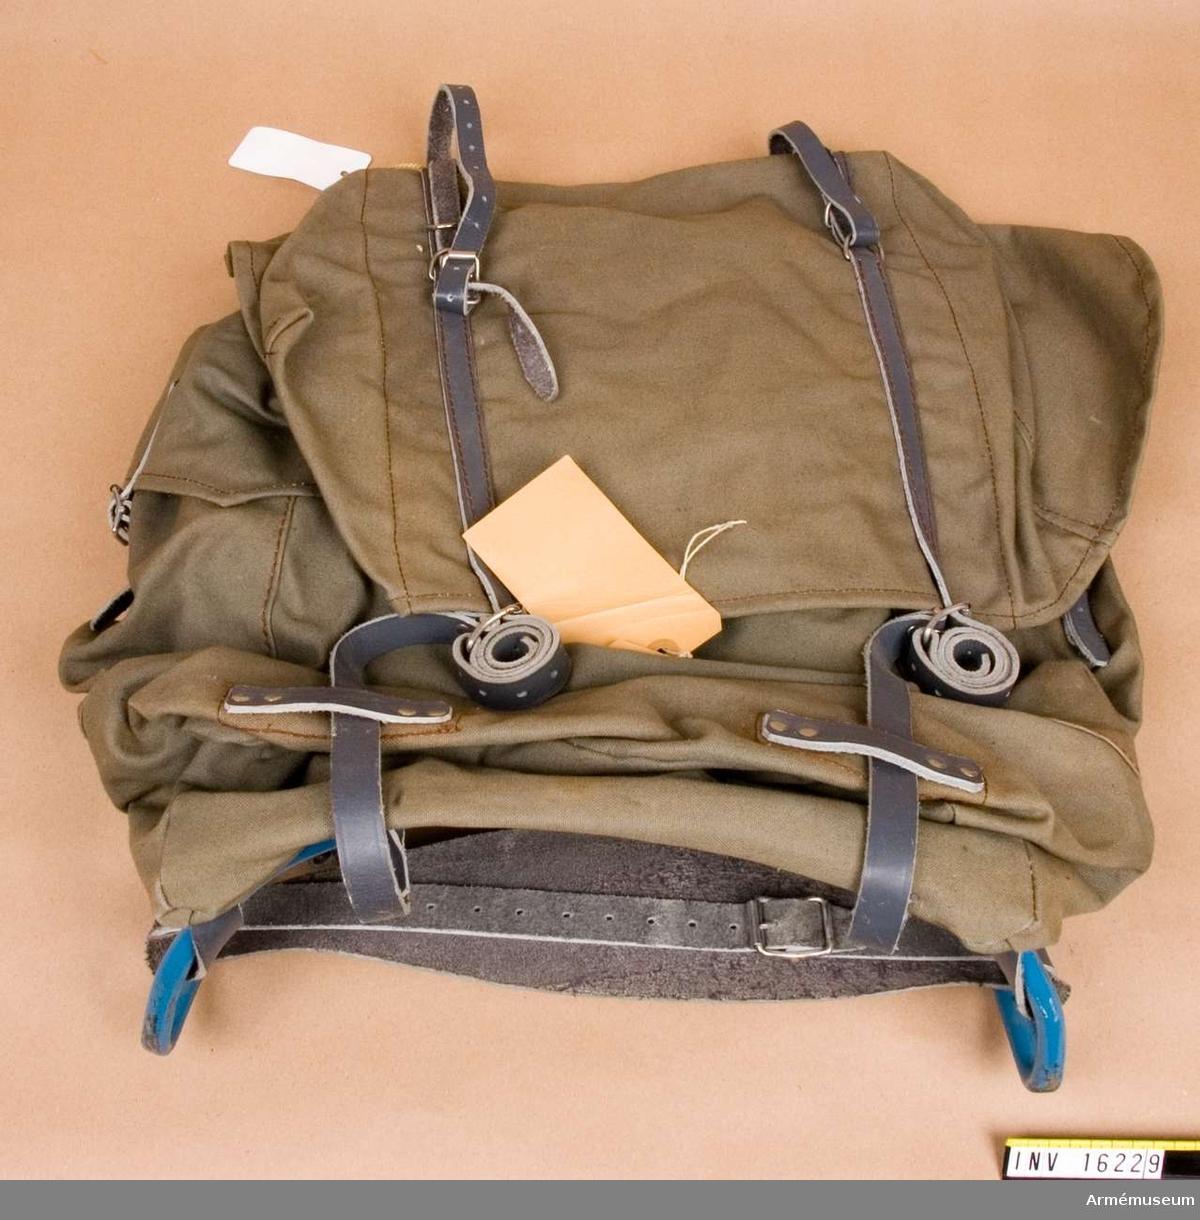 Ryggsäck större med fjädrande mes, arbetsmodell.Mesen är av blåmålad metall med fjädring i ryggstagen.